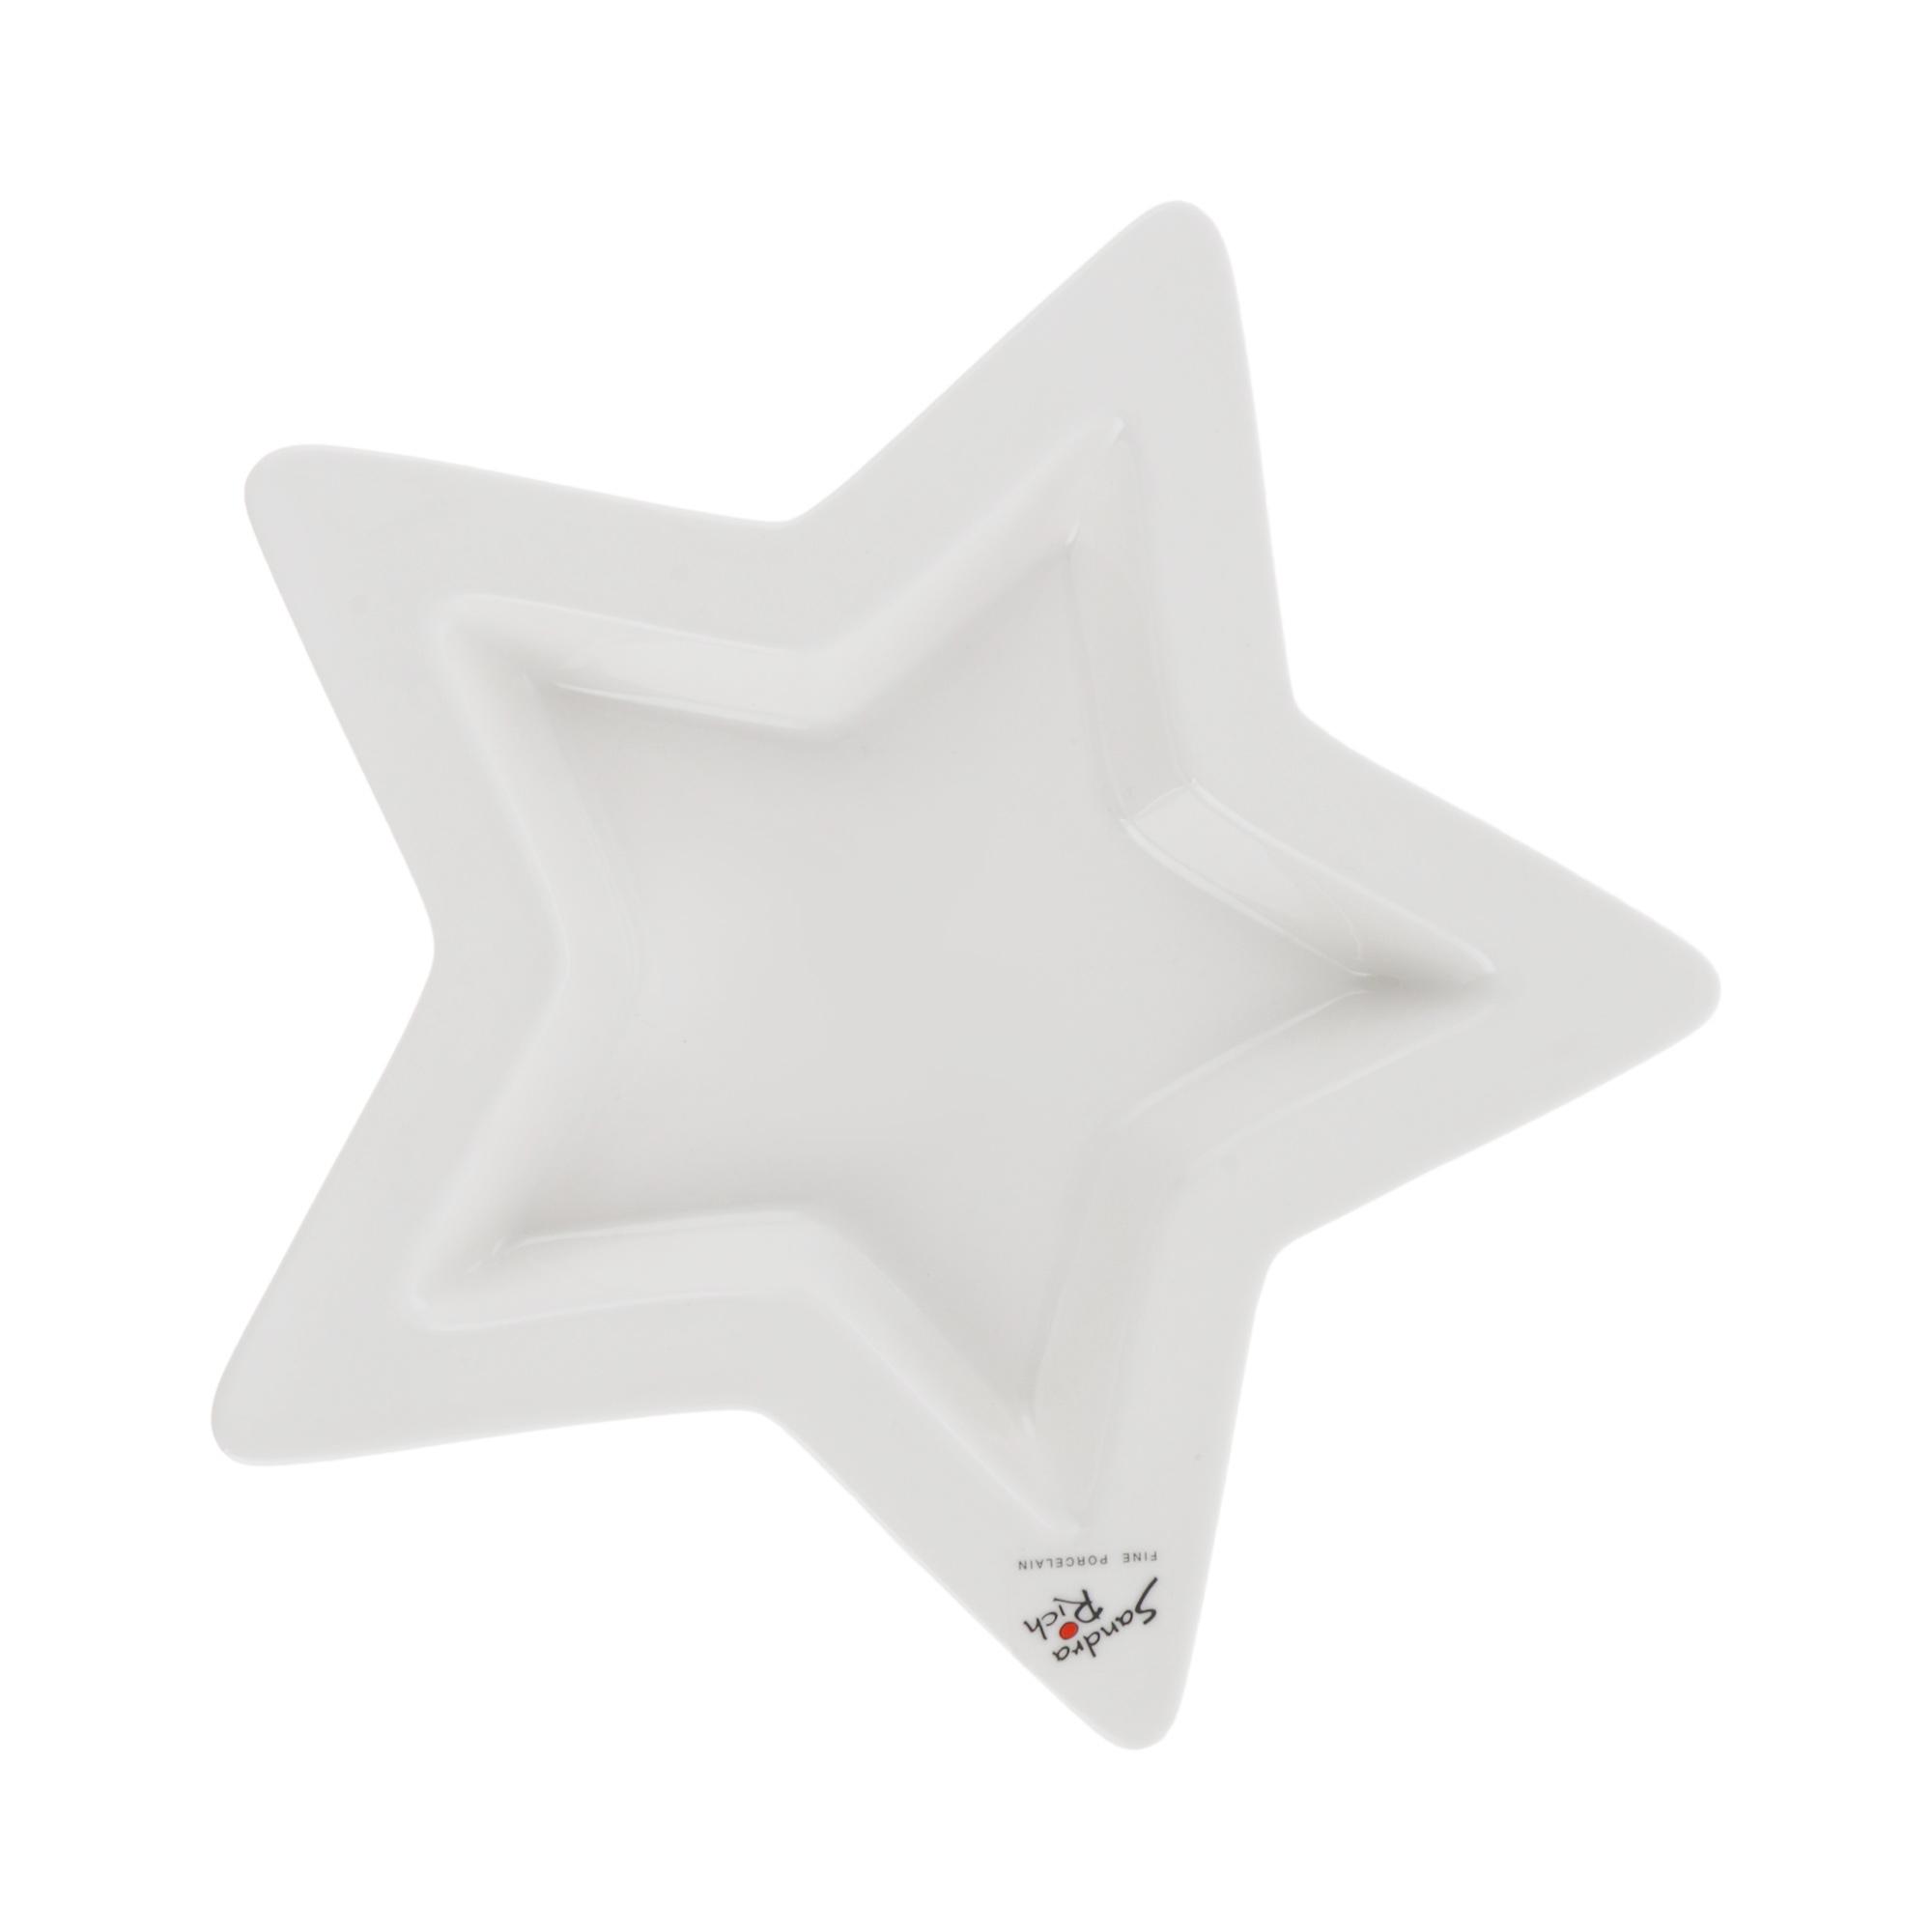 Блюдо Sandra rich star д25см 3.5см блюдо sandra rich star 20x19х4 см